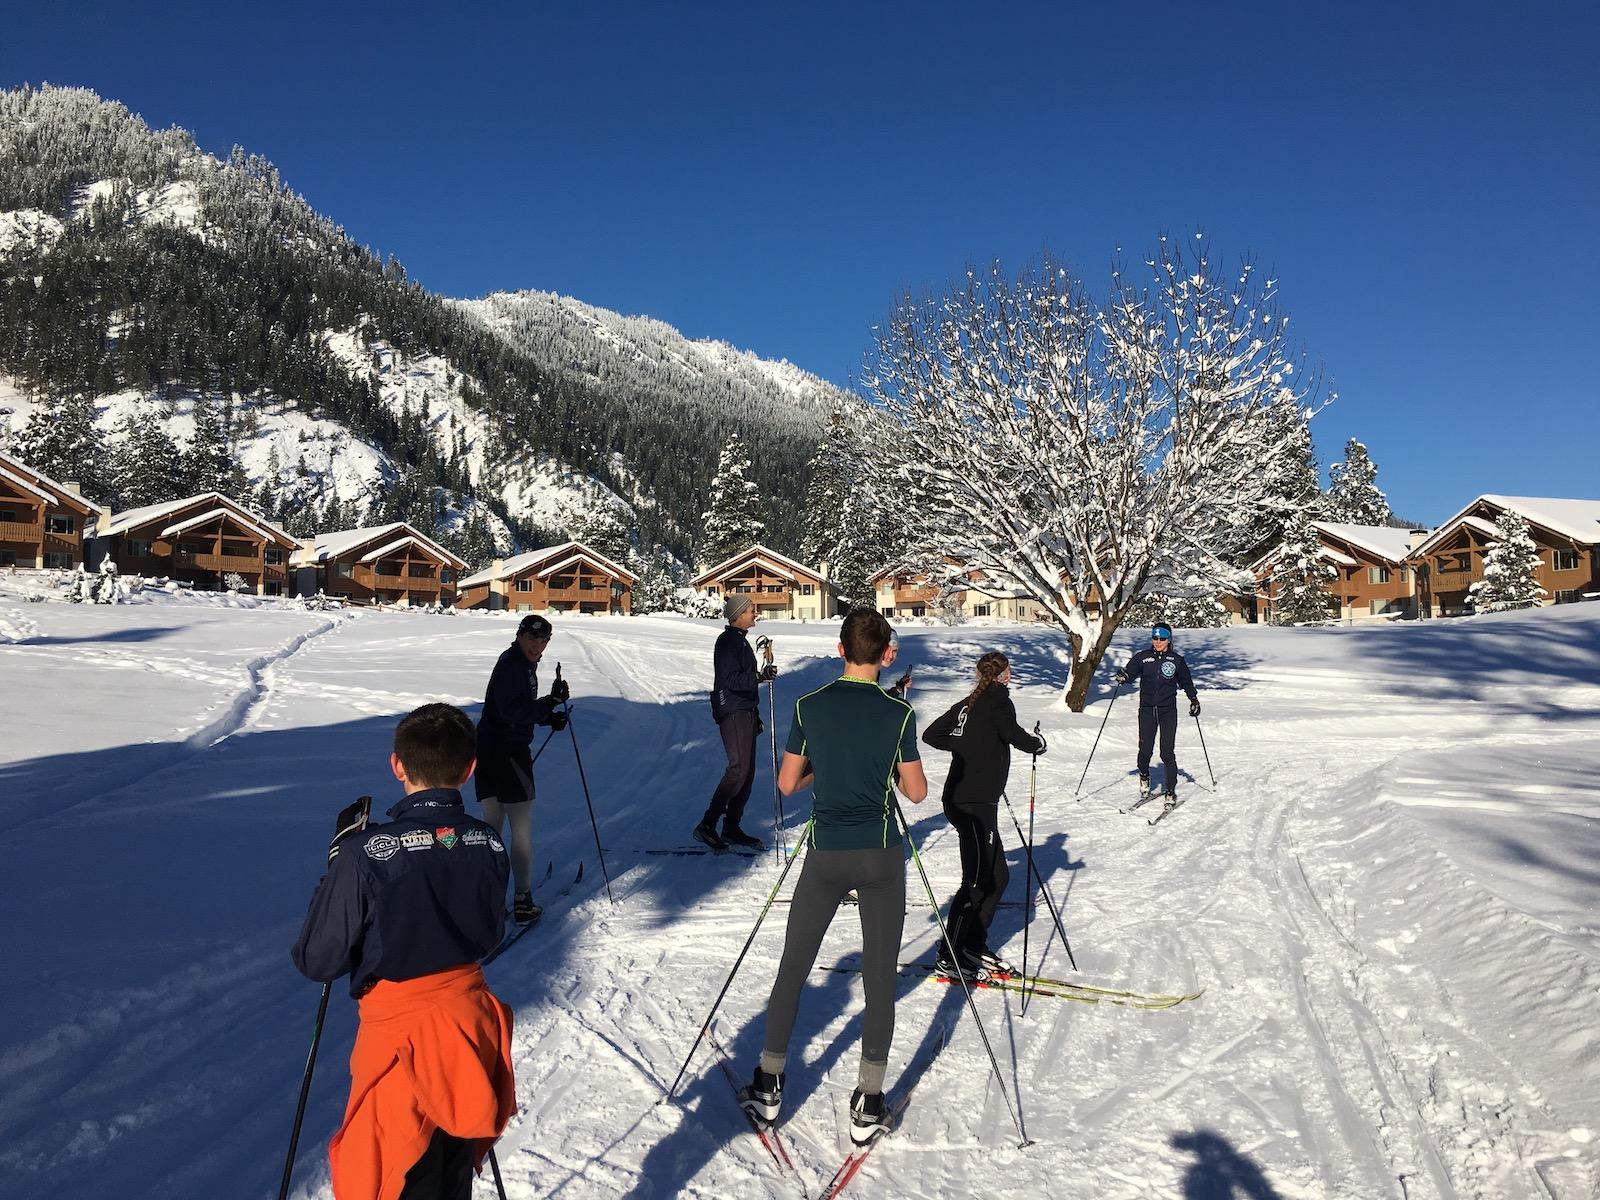 Leavenworth ski team